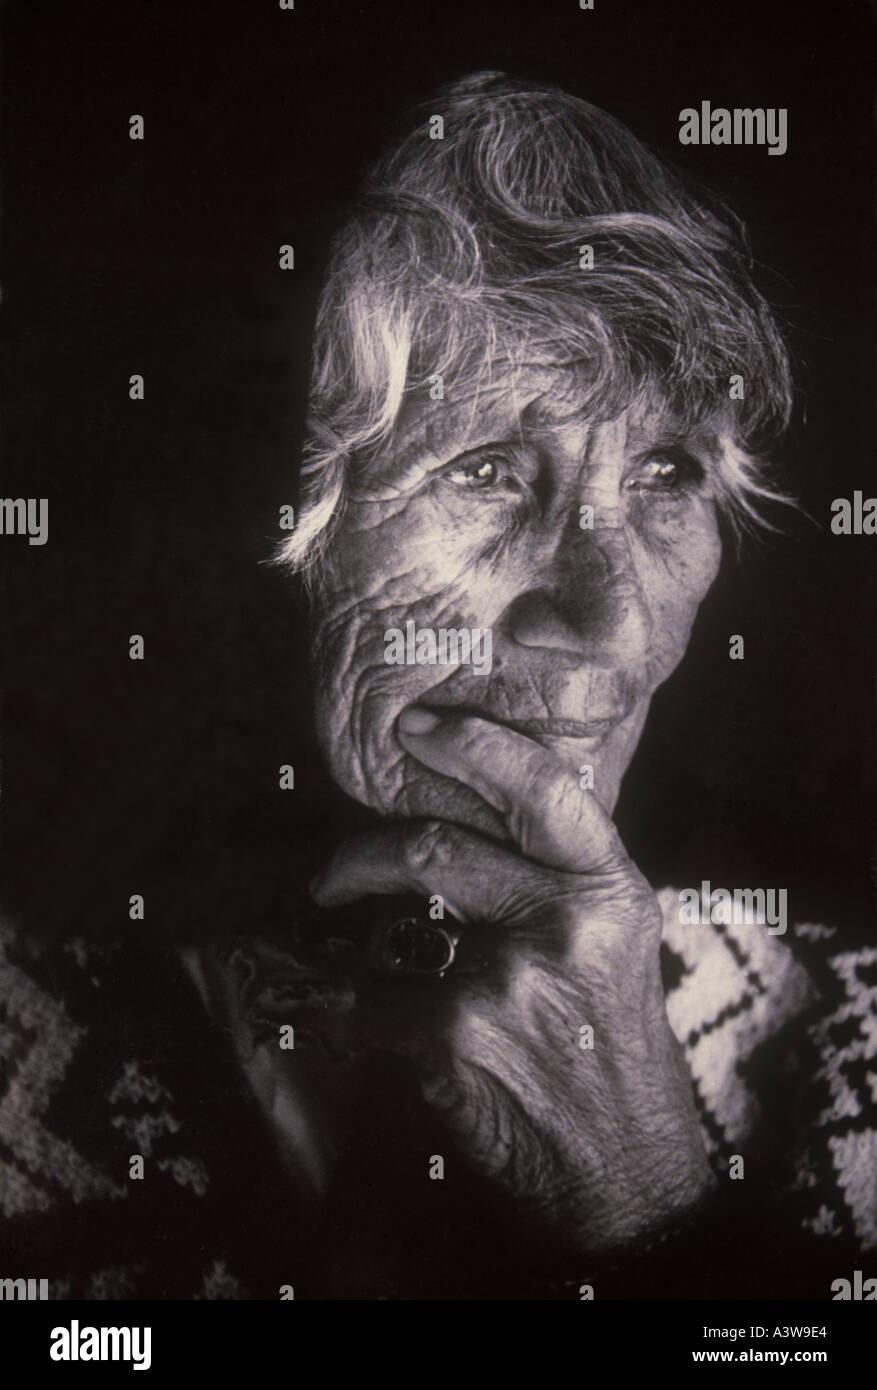 Old Maori Women: Old New Zealand Maori Woman Stock Photo: 2021859